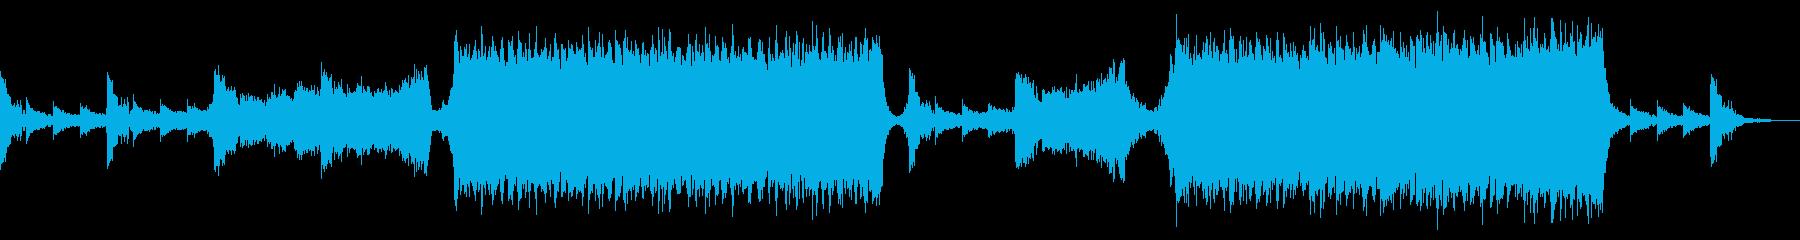 壮大なトレーラーの再生済みの波形